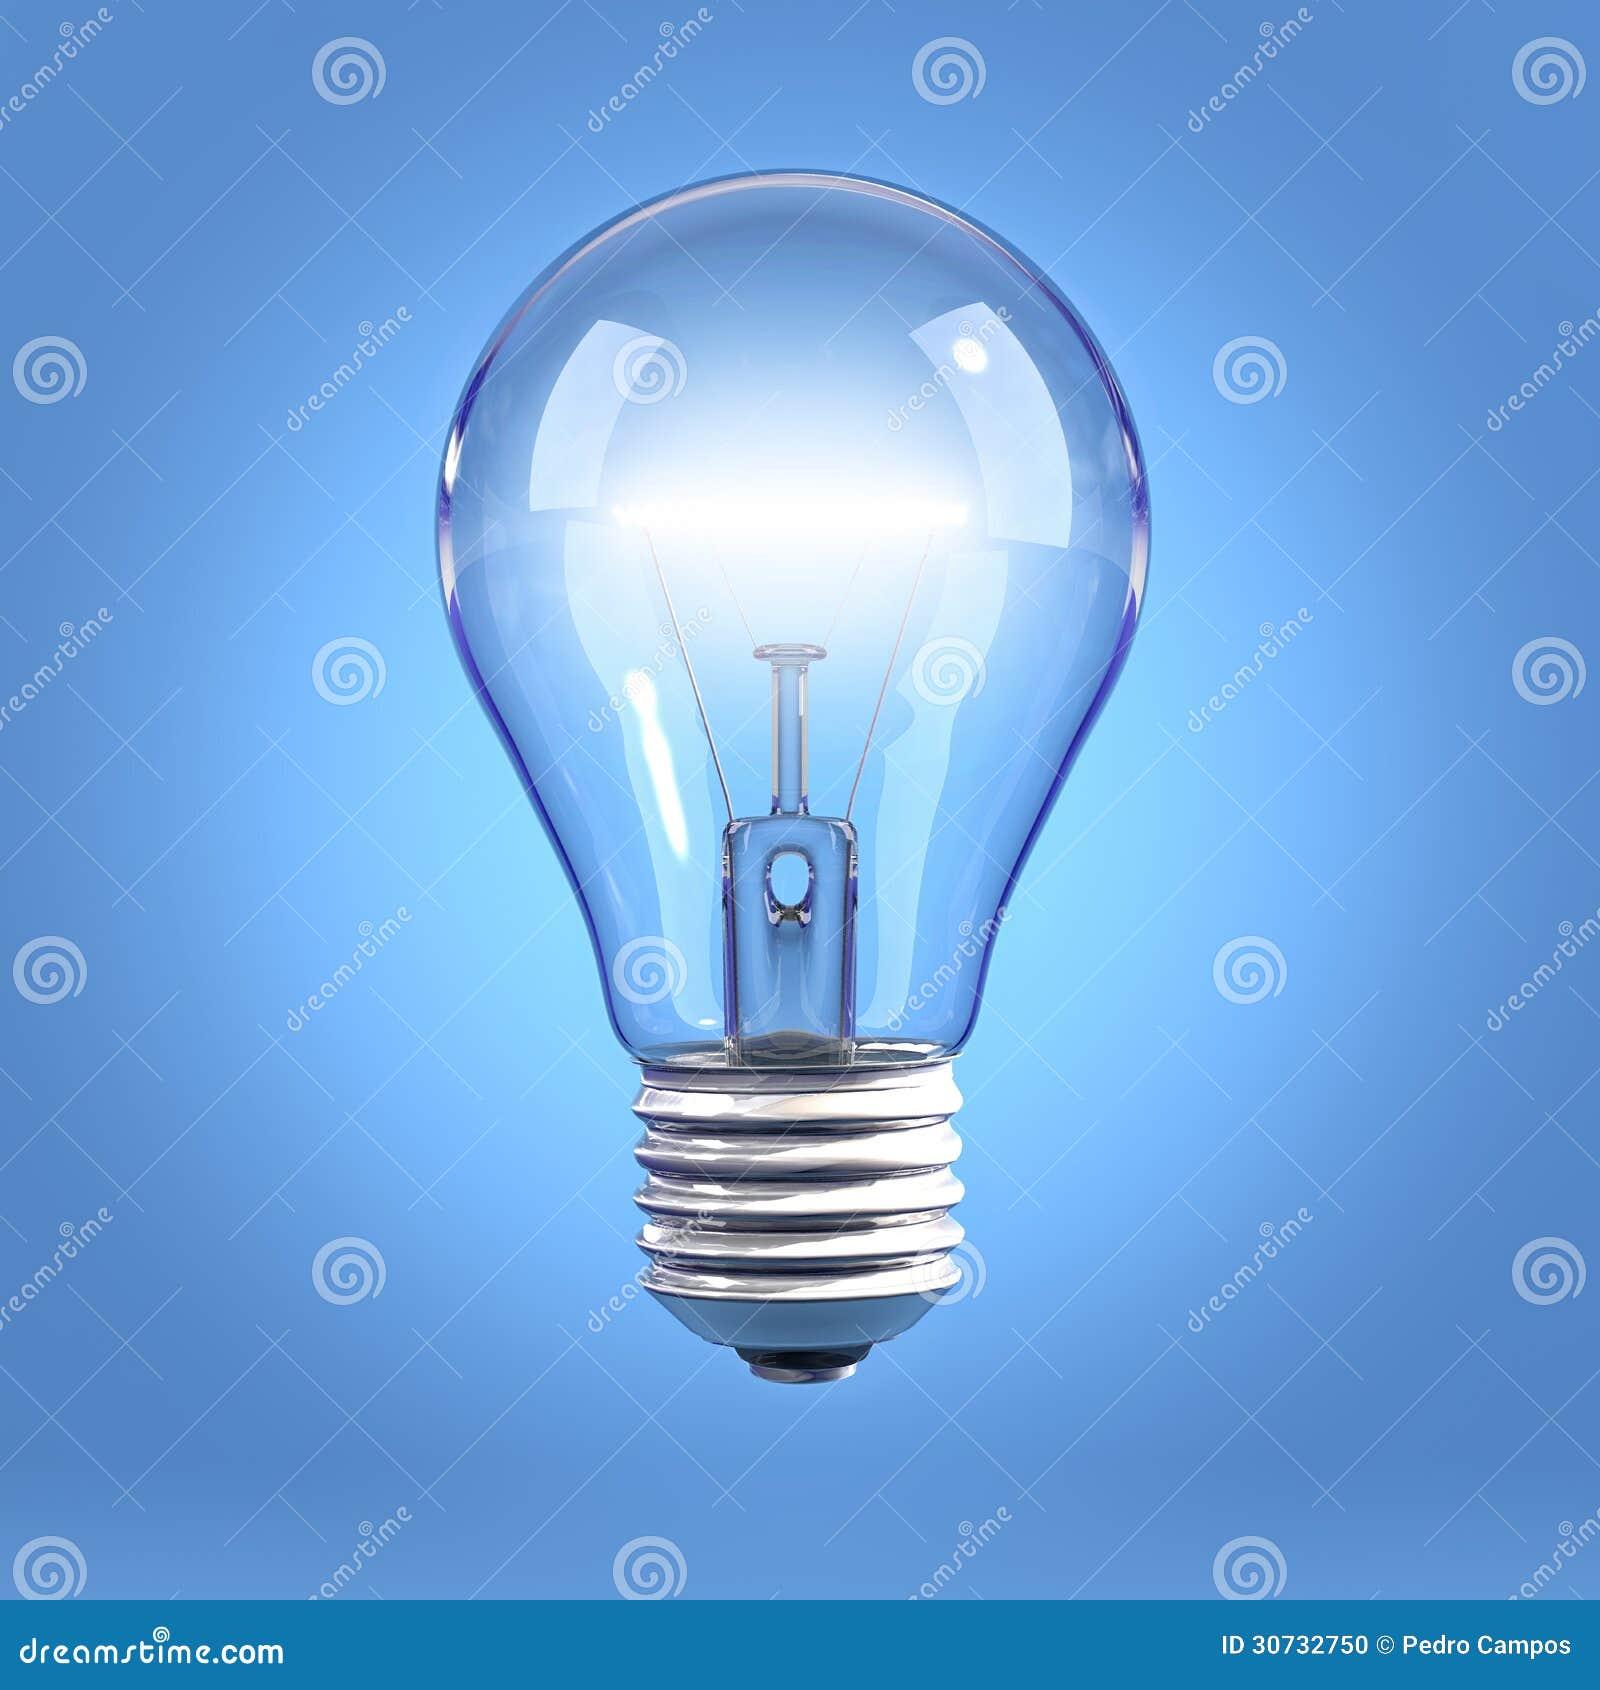 Light Bulb Wallpaper: Detail Of Light Bulb On Blue Background Royalty-Free Stock